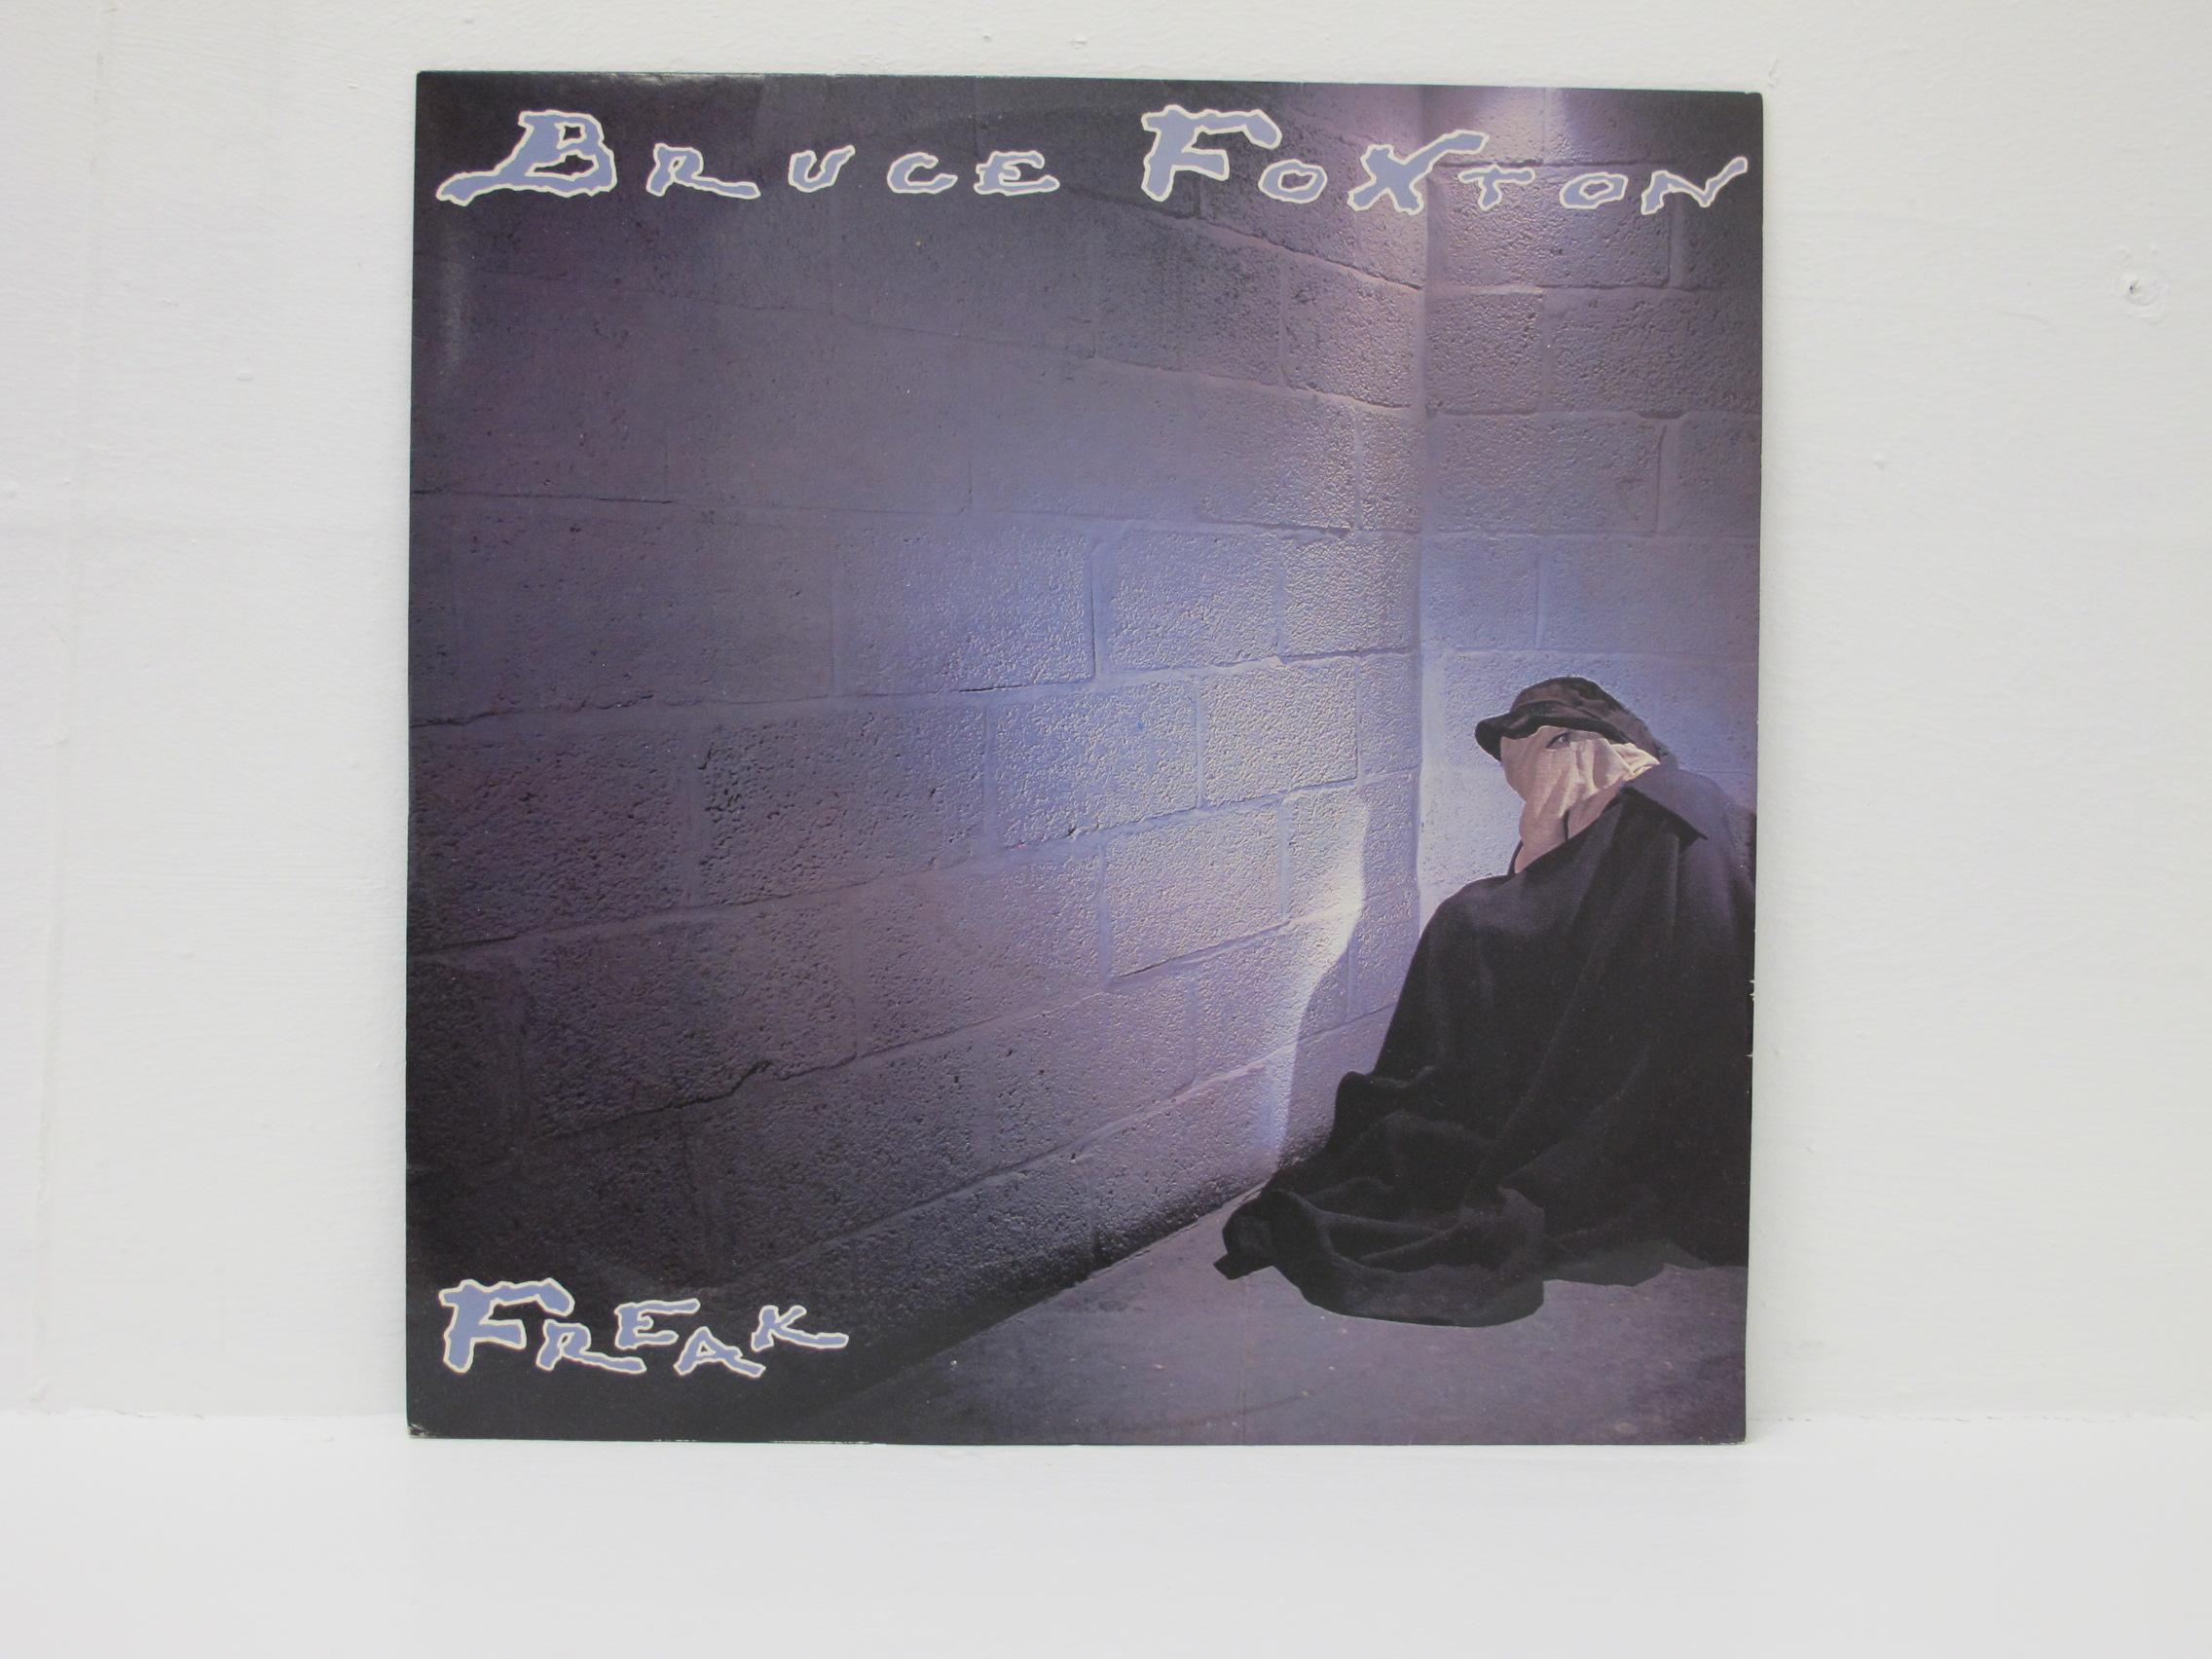 Bruce Foxton - Freak